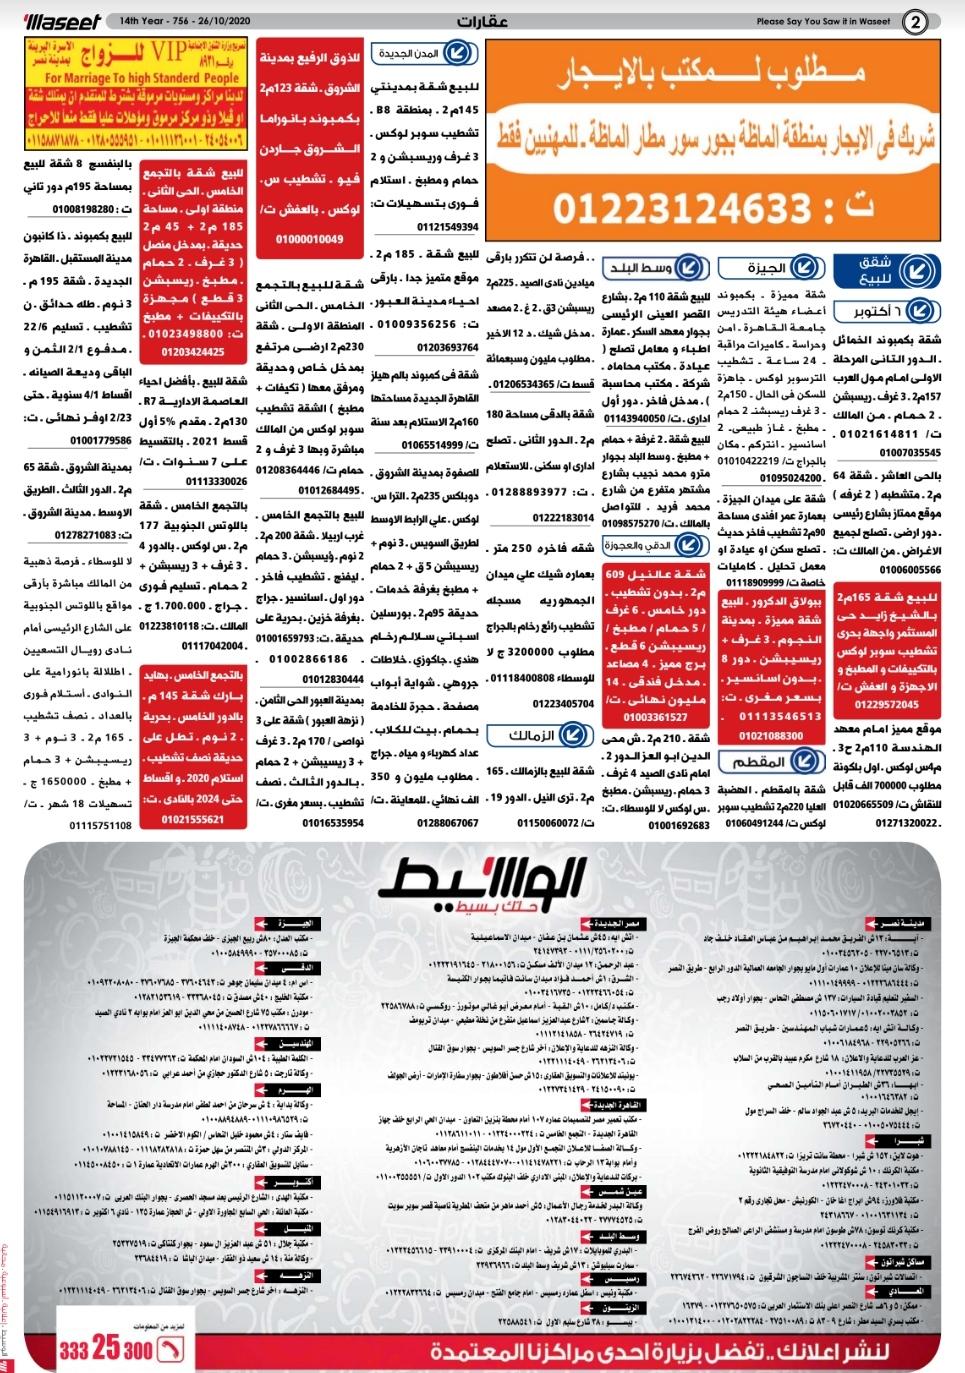 وظائف الوسيط و اعلانات مصر الاثنين 26 اكتوبر 2020 وسيط الاثنين